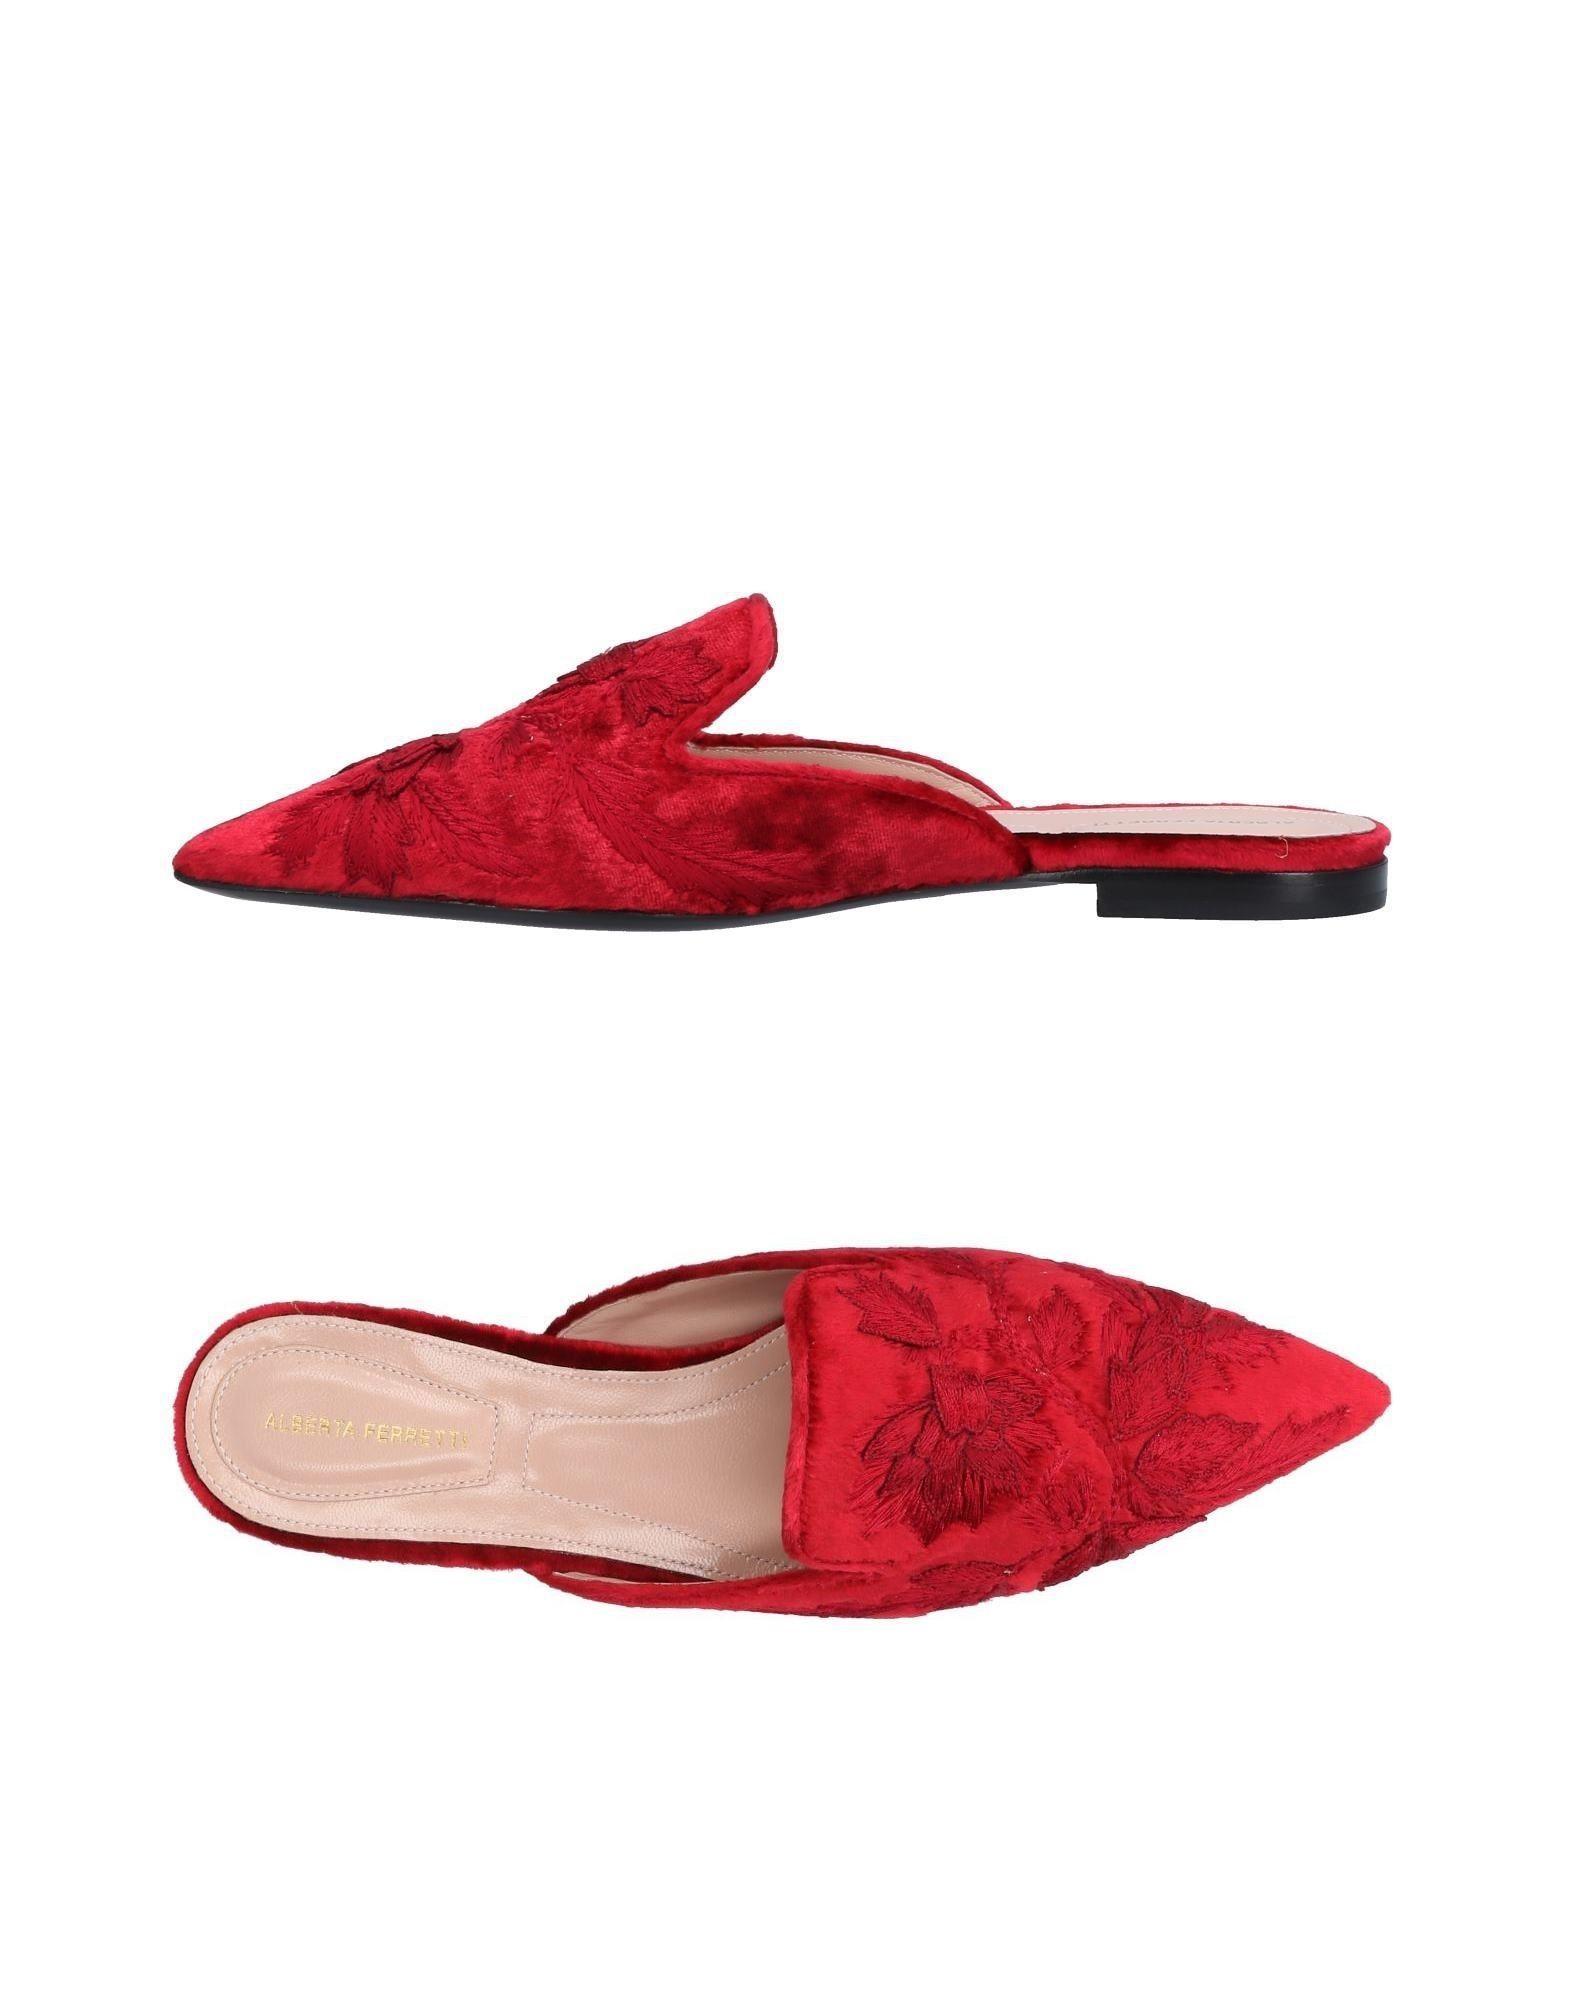 Alberta Ferretti Mules In Red